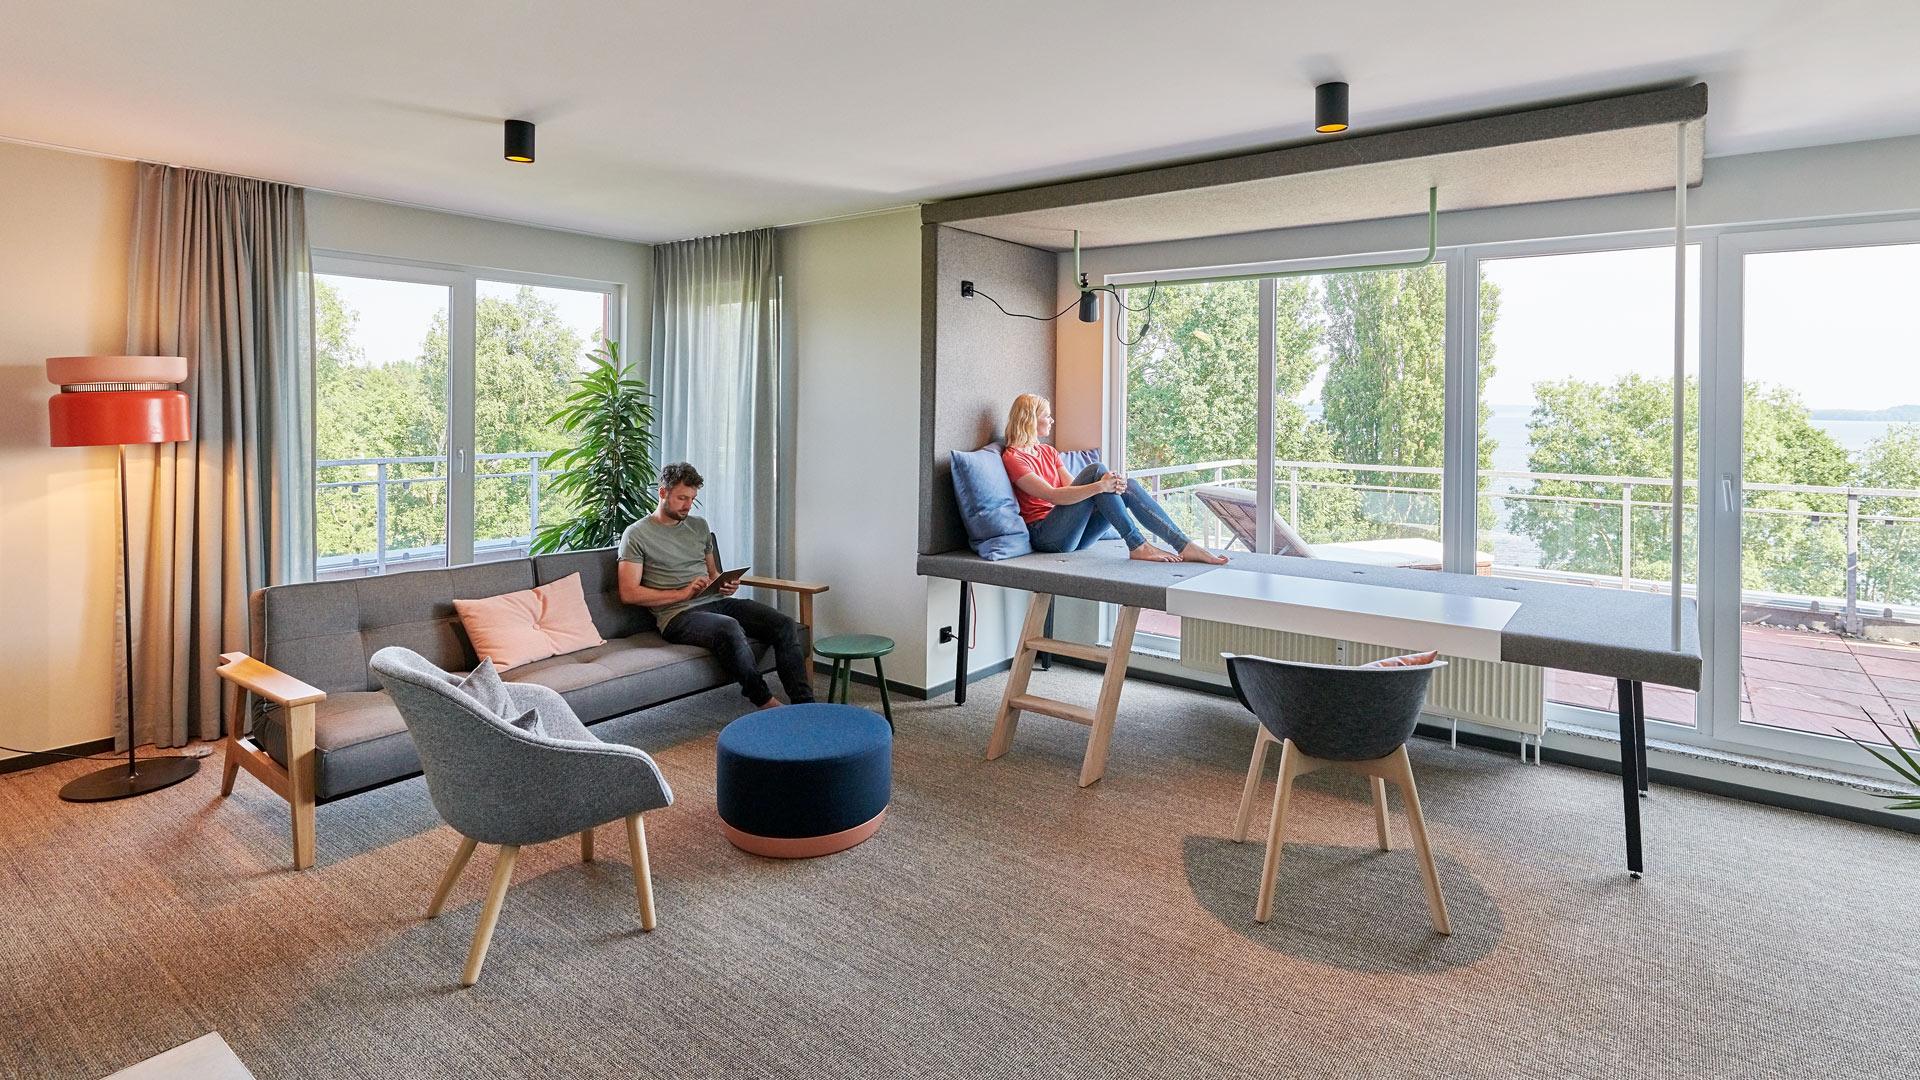 Wellness- und Designhotel am Plöner See in Schleswig-Holstein